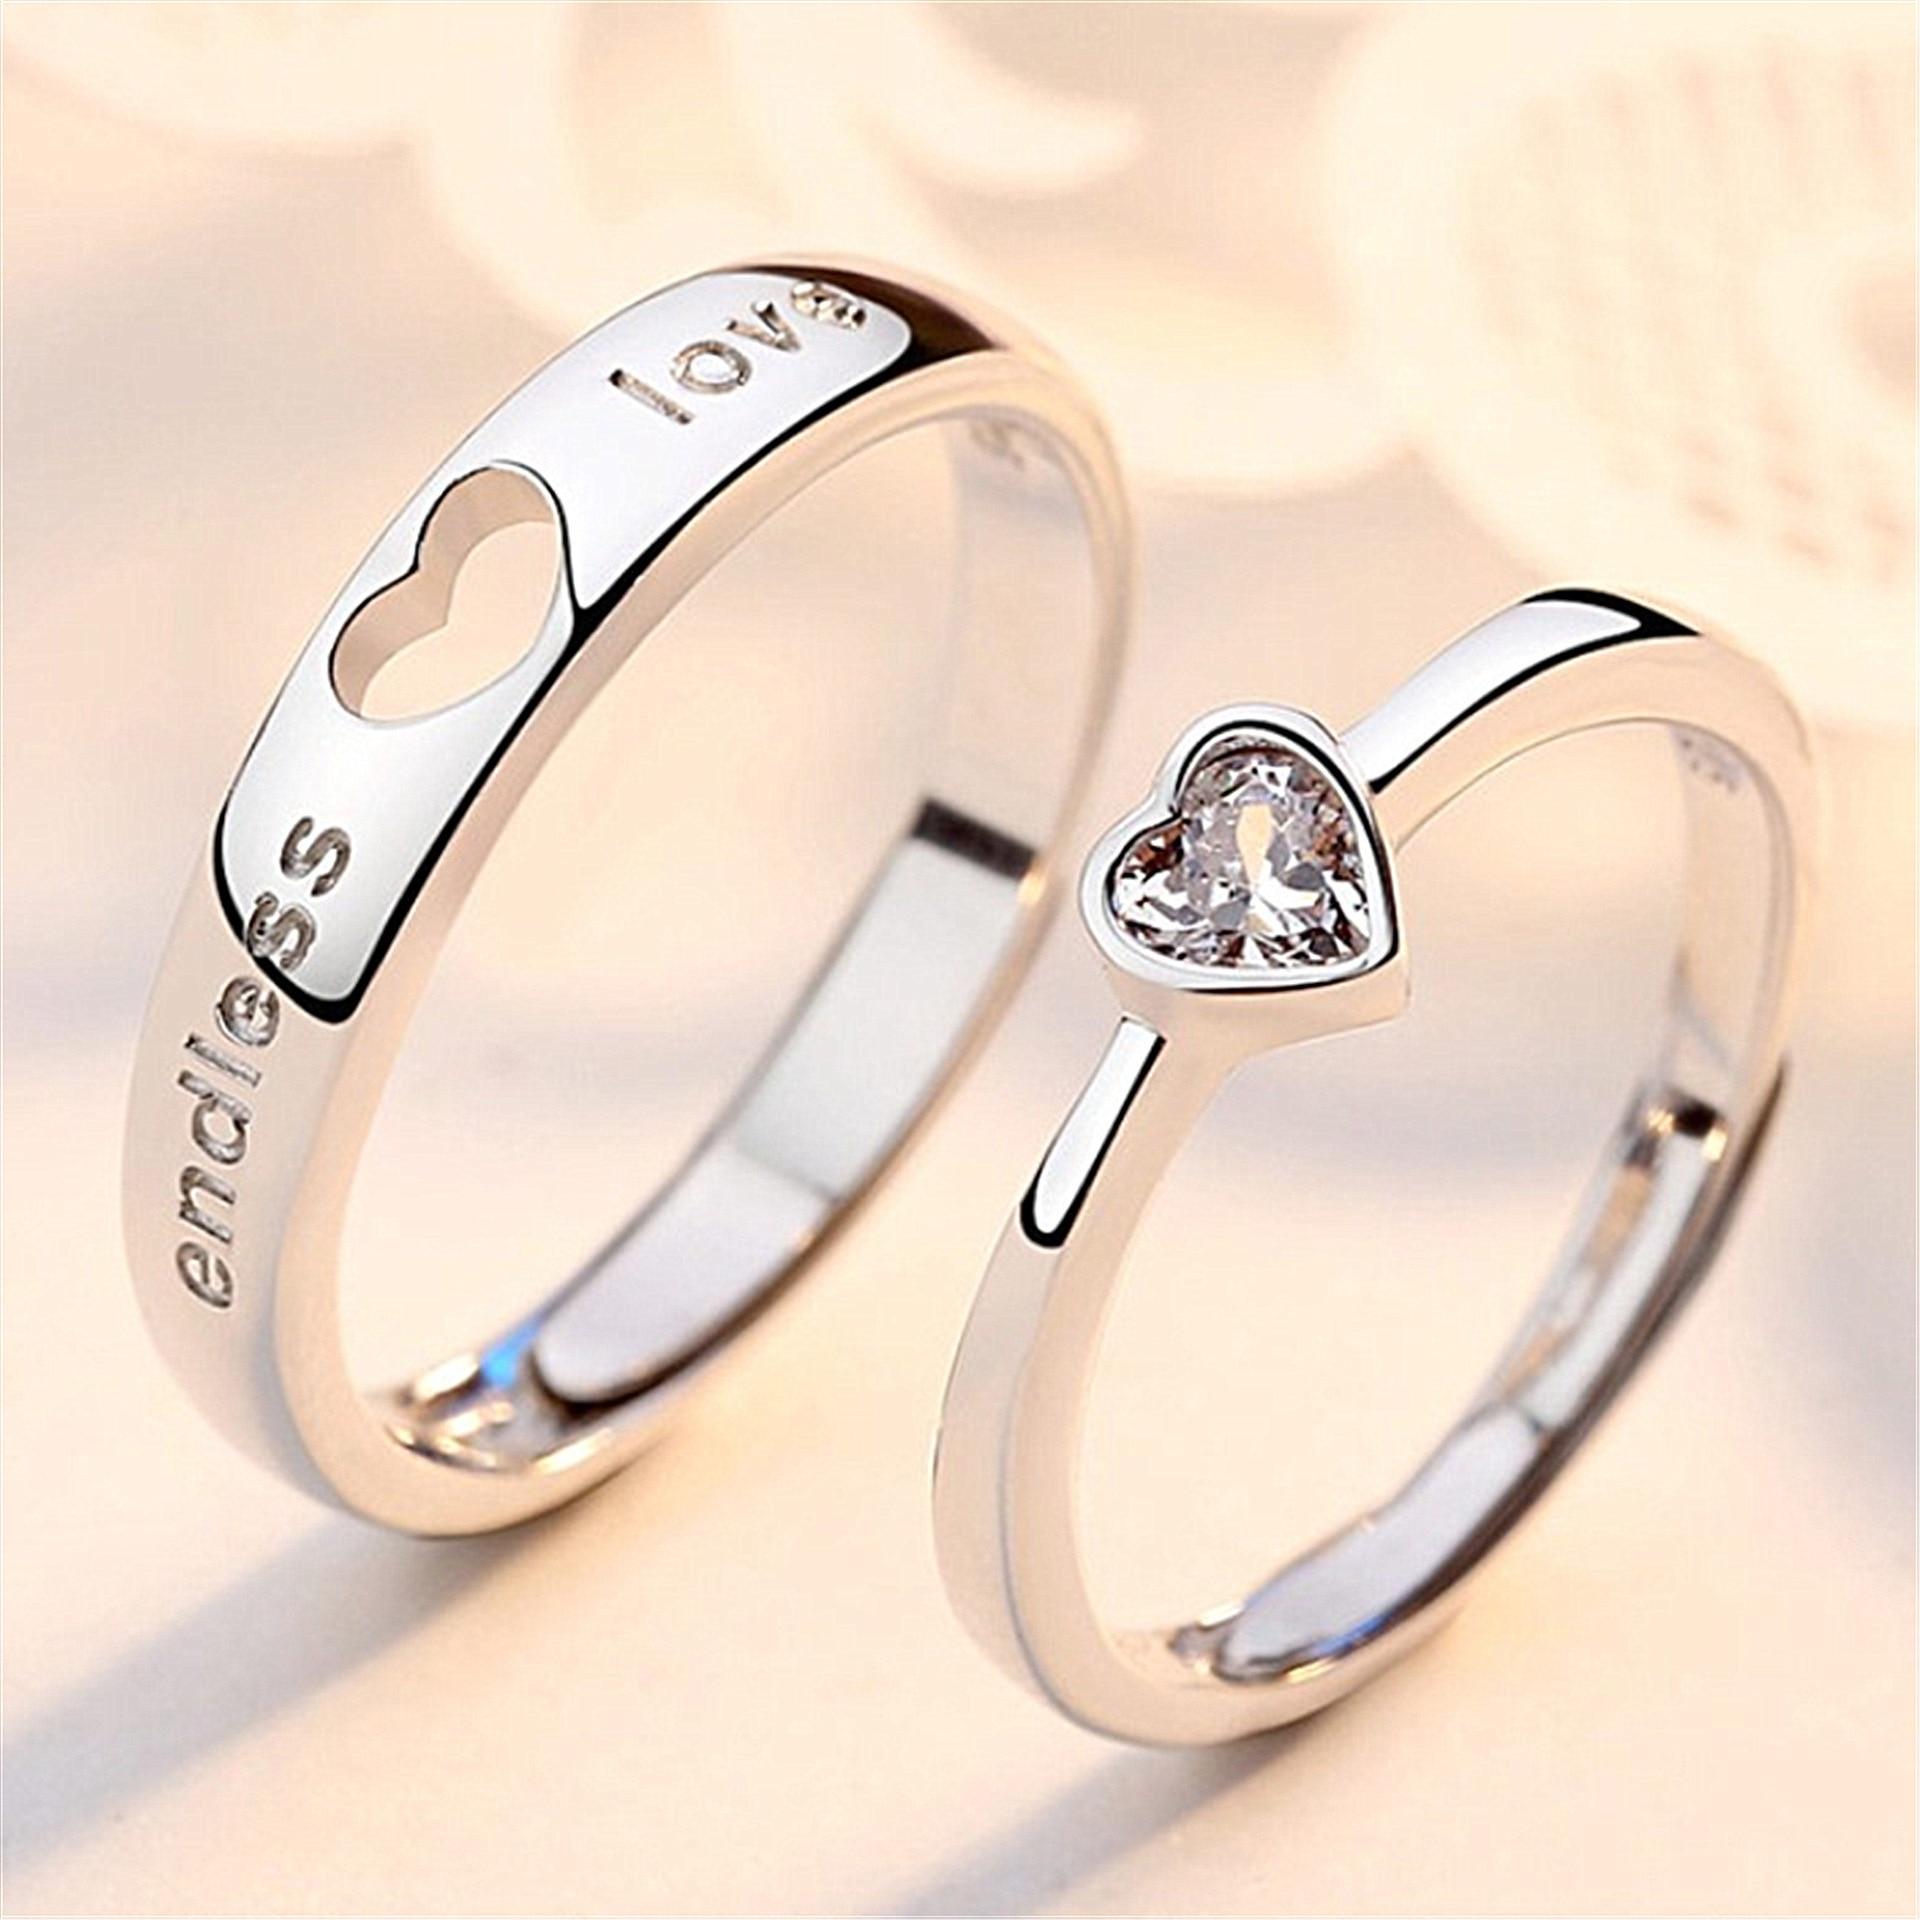 Crazy Feng (Лея фенг) выбитое сердечко Пара Кольца для мужчин и женщин серебро Цвет любовь с украшением в виде кристаллов CZ обручальное Регулируе...